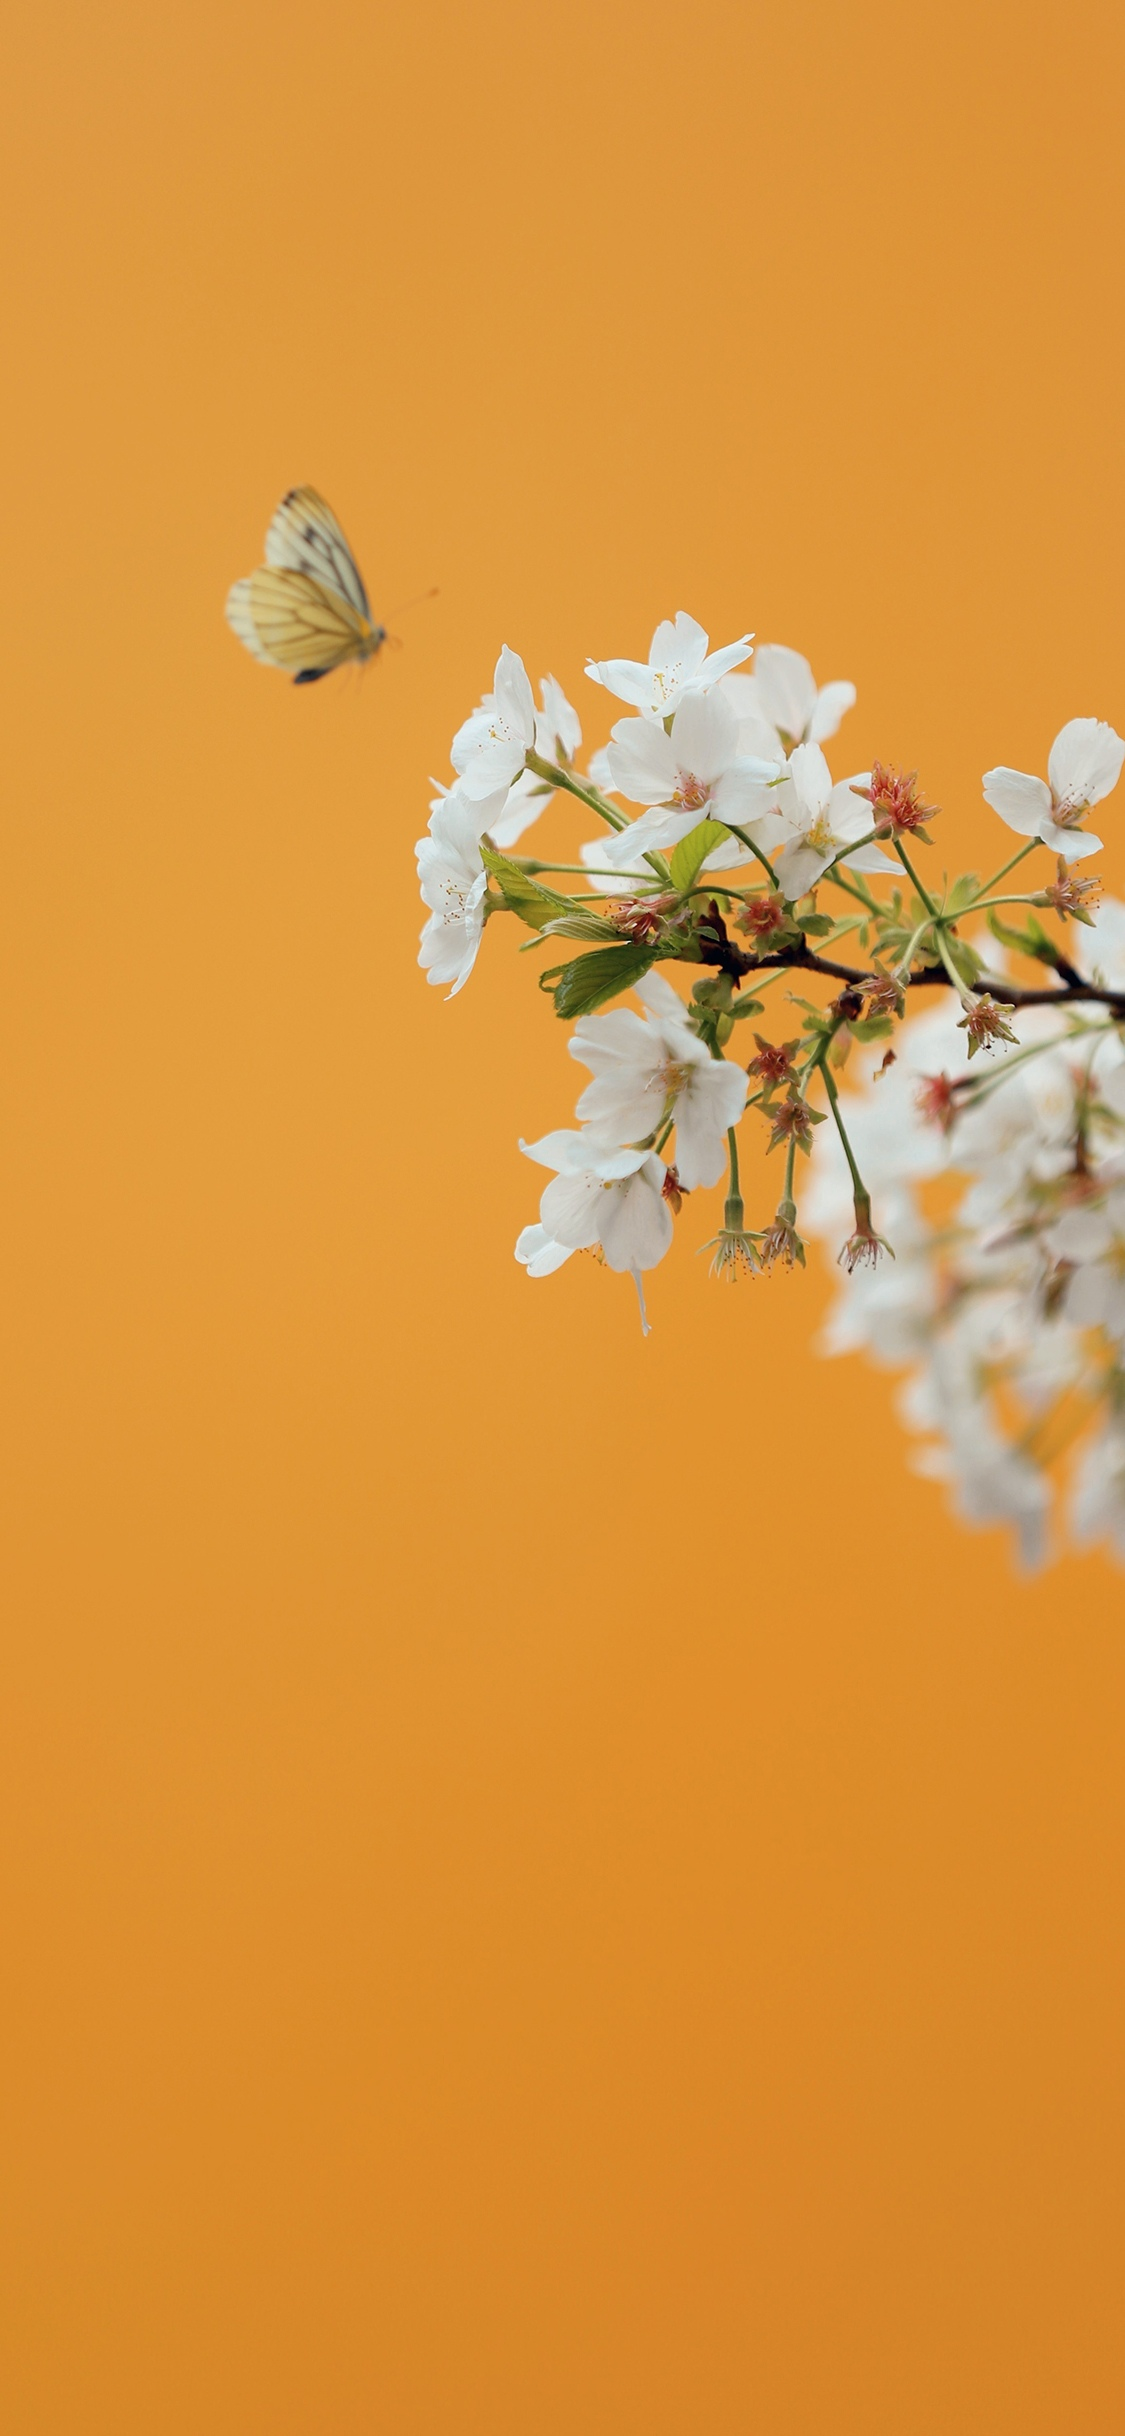 清新的樱花唯美养眼图片